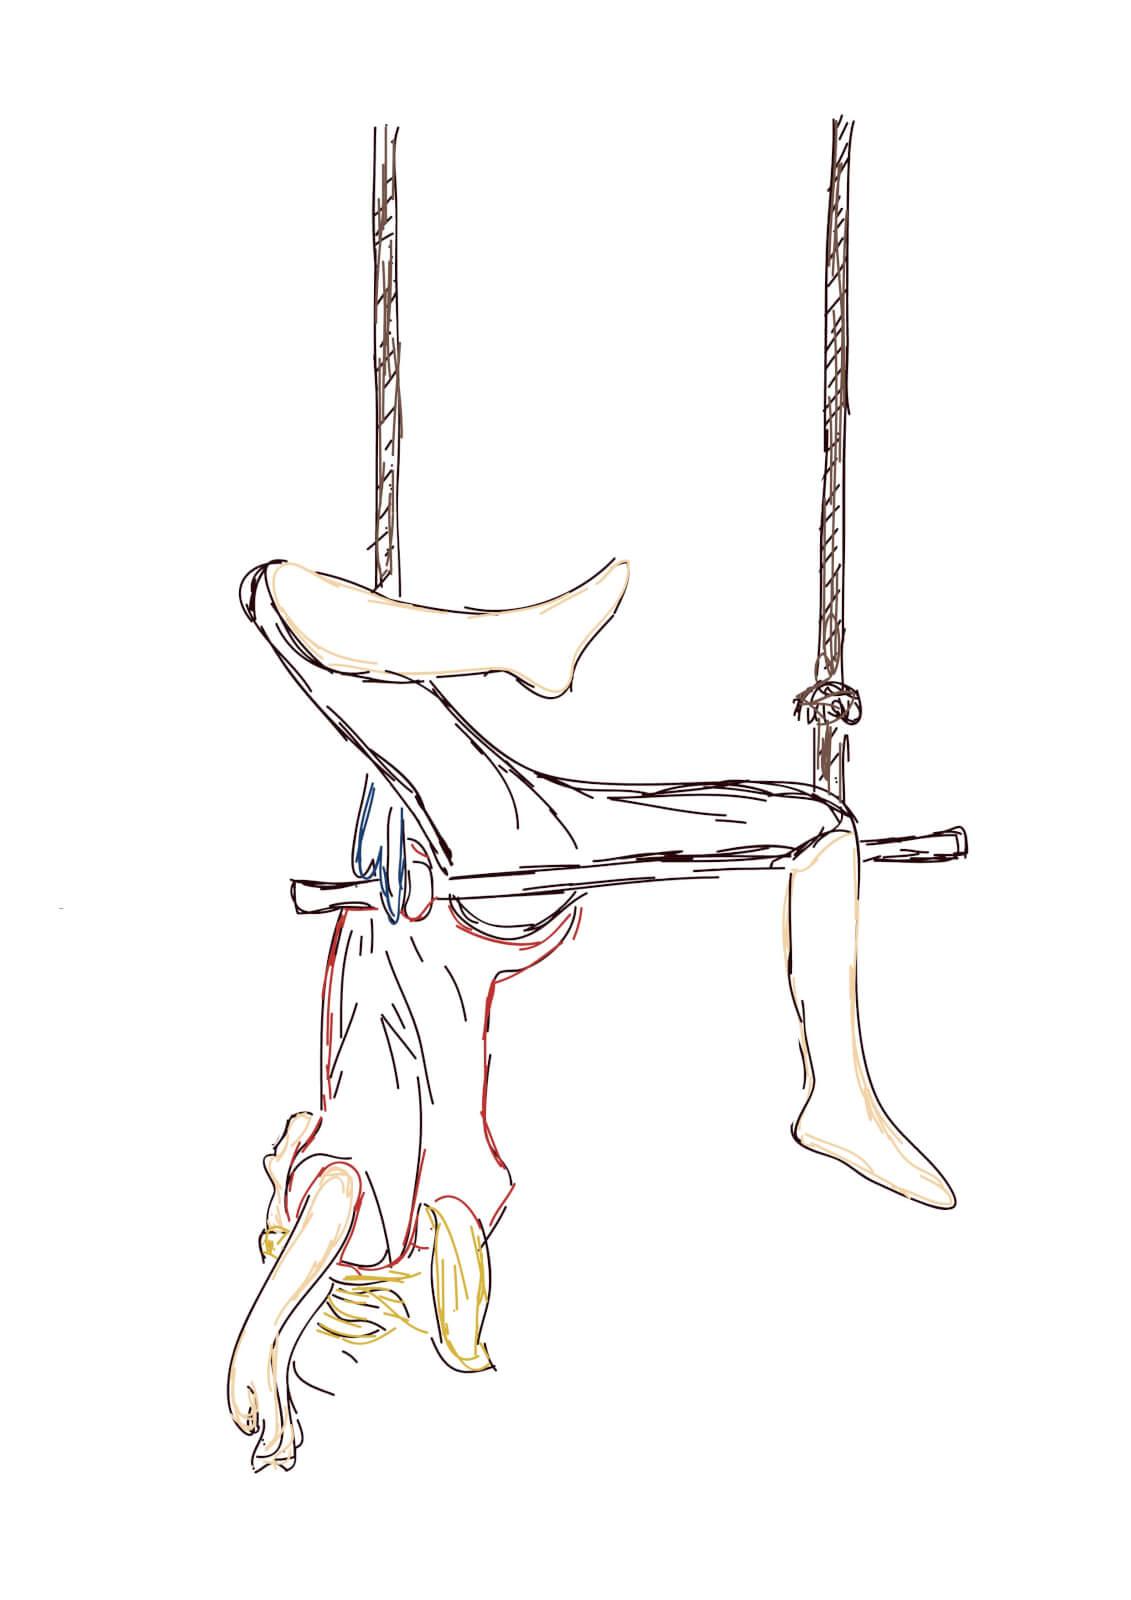 Ideen Zum Thema Zirkus Laden Sie Hier Unsere Malvorlagen Herunter